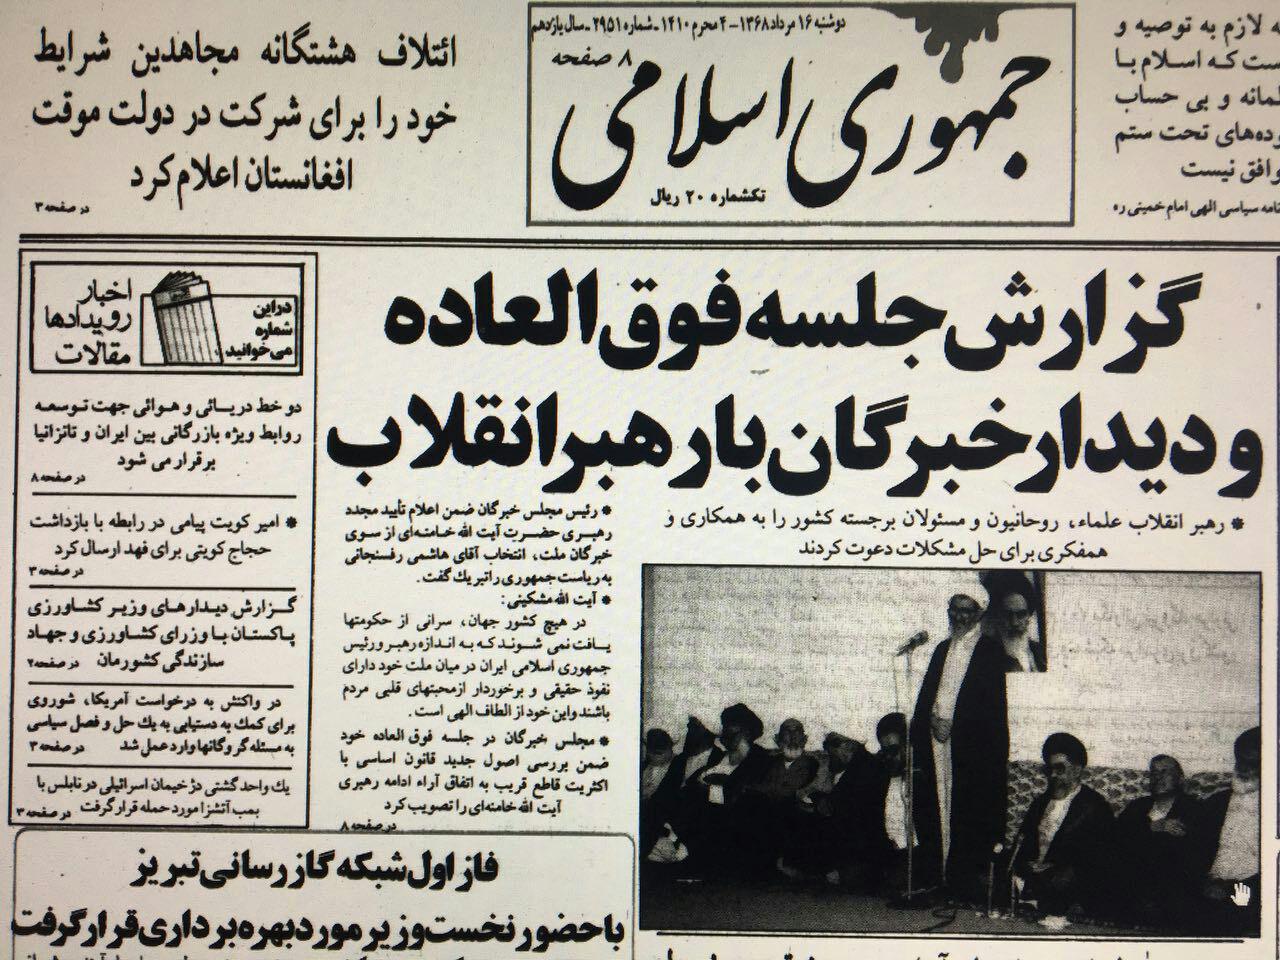 آیت الله خامنه ای با آراء مثبت ِ بیشتری نسبت به رای گیری 14 خرداد، به عنوان رهبر جمهوری اسلامی برگزیده شدند.